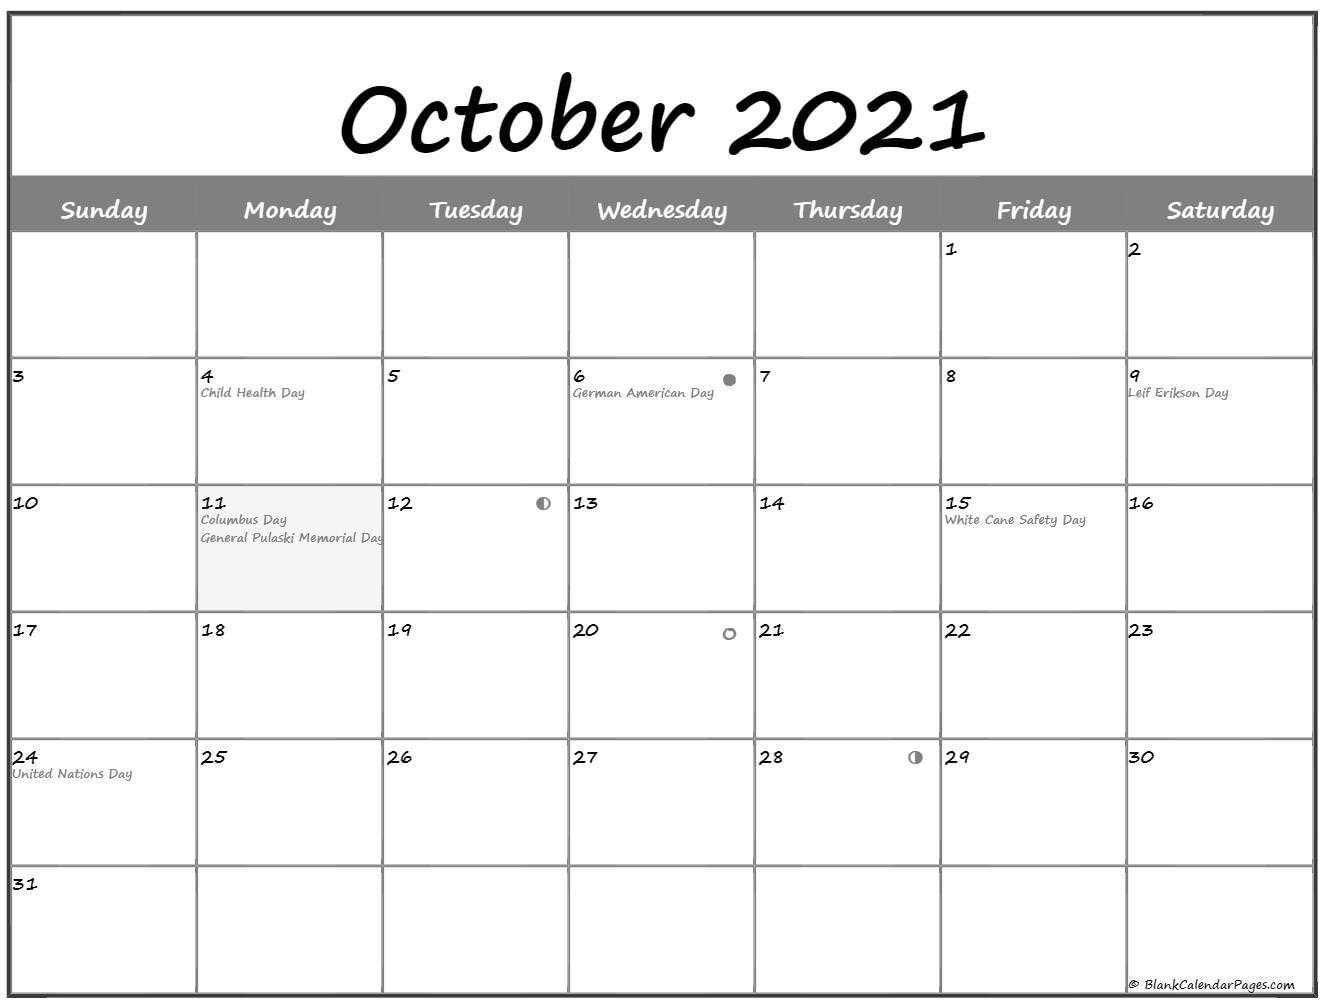 October 2021 Lunar Calendar   Moon Phase Calendar Printable Calendar October 2020 To September 2021